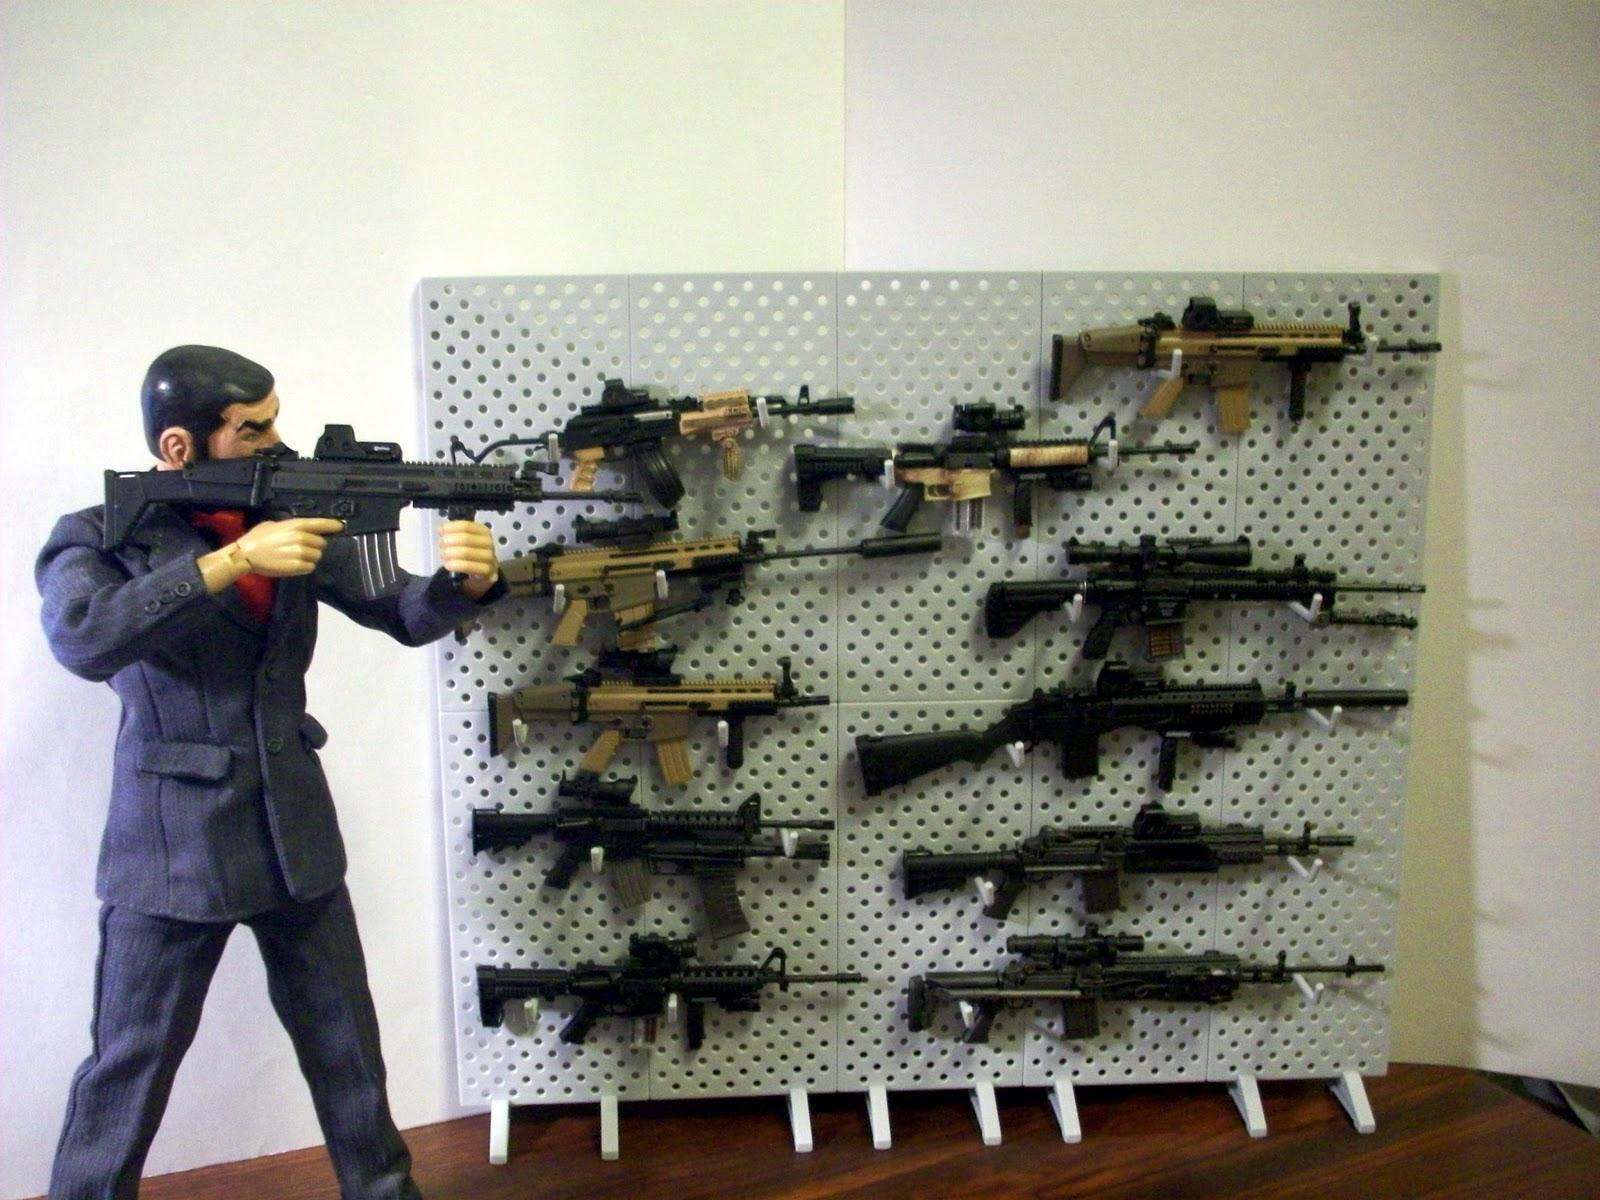 Akm Rifle - Antiques Village Shop